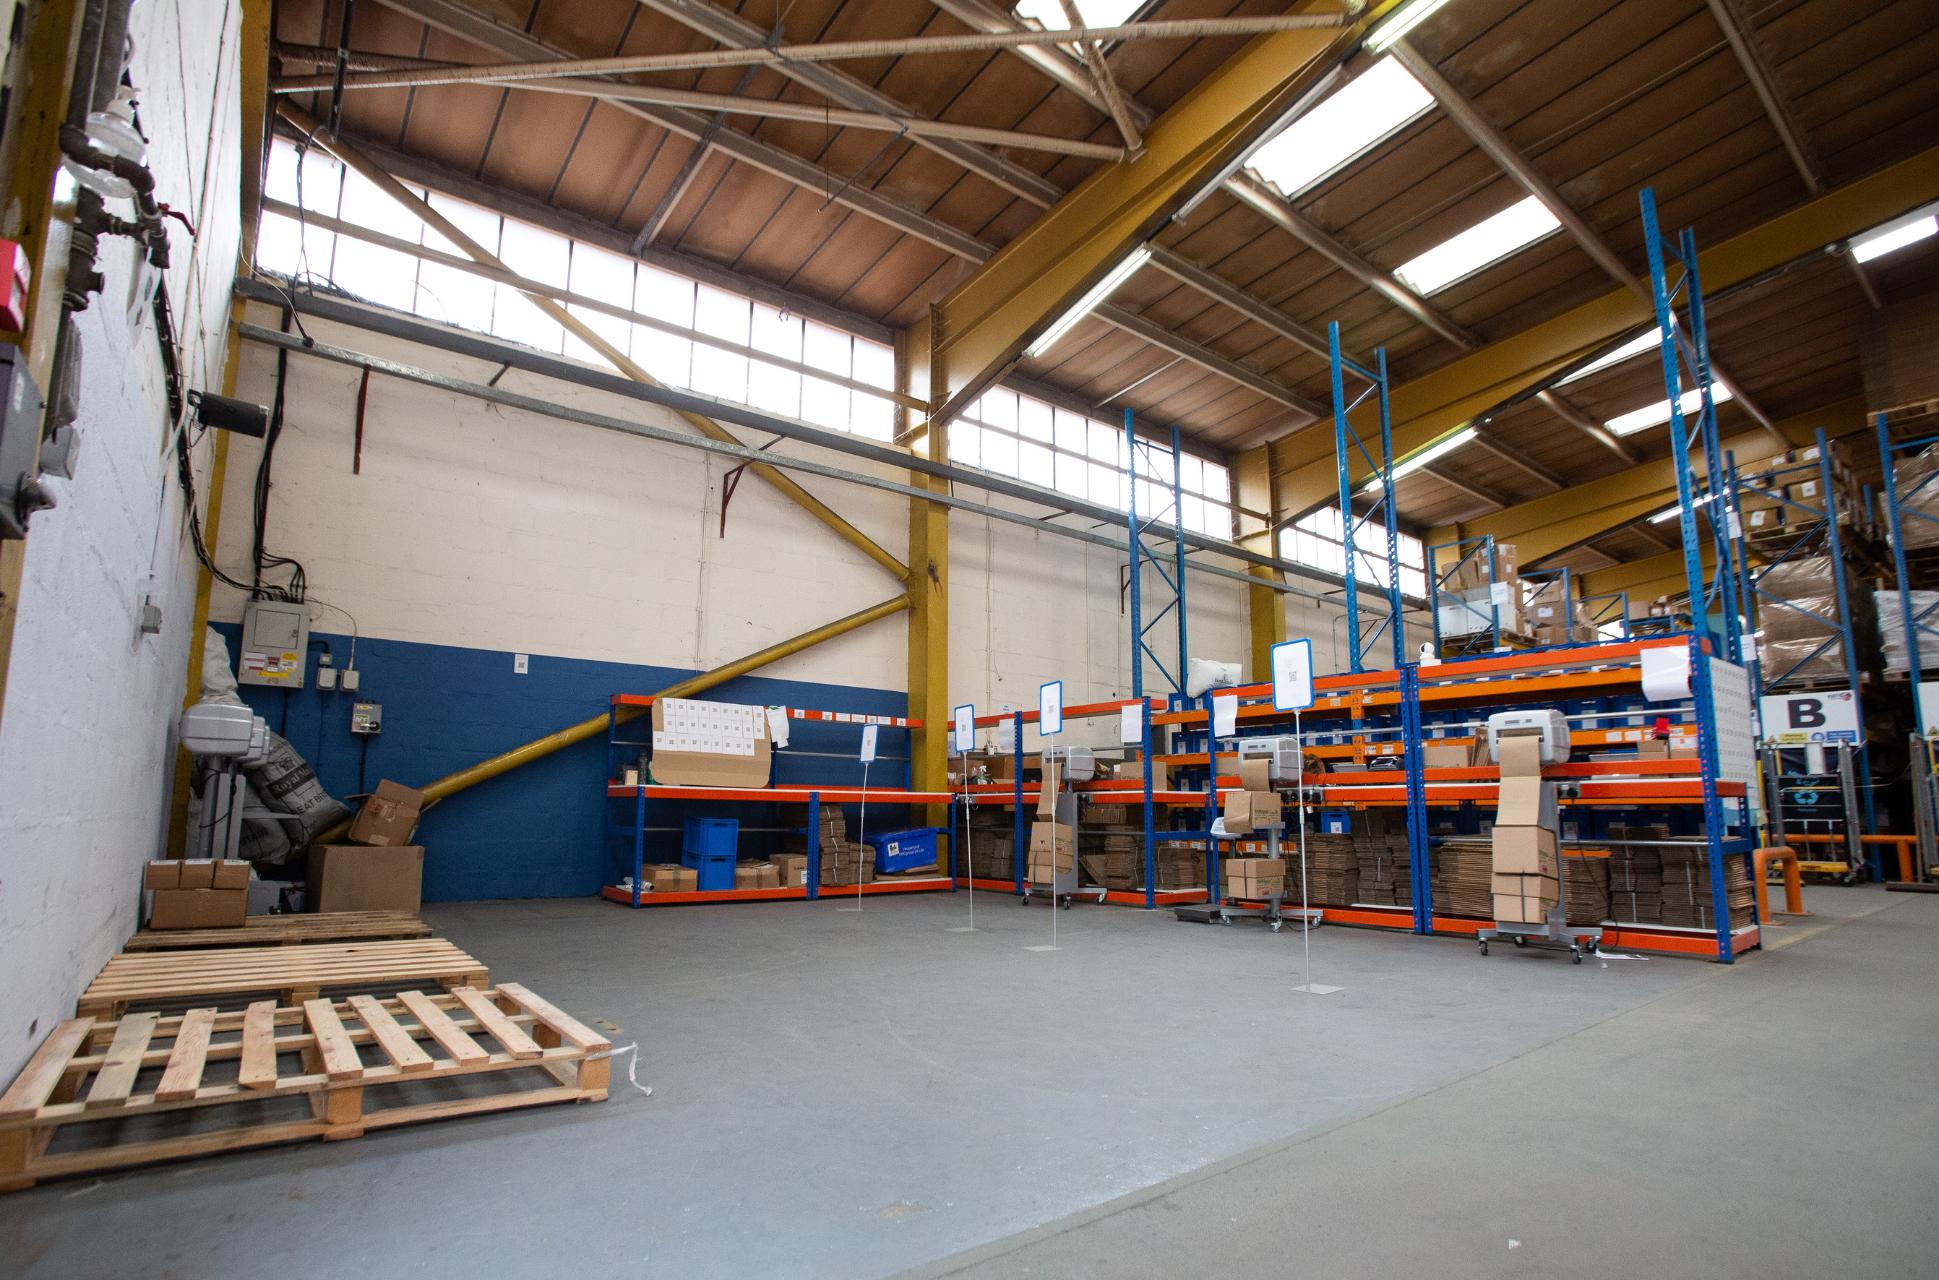 ecommerce fulfilment, fulfilment operations, selazar warehouse, ecommerce fulfilment, 3pl, selazar warehouse